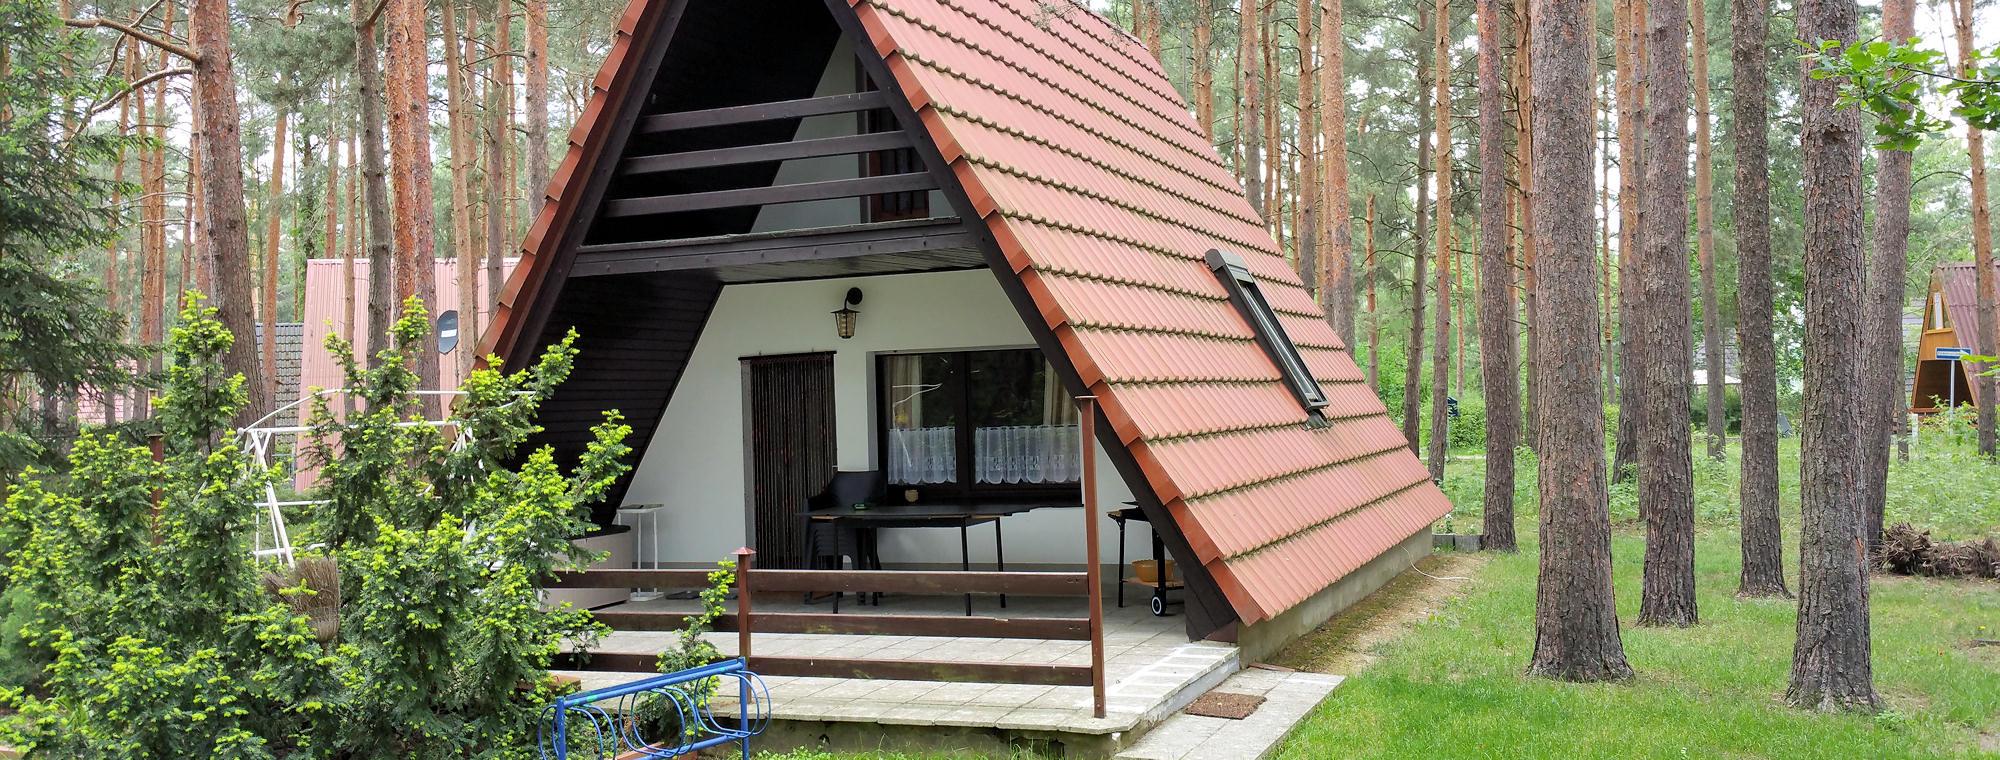 Finnhutte Ferienhaus Im Lausitzer Seenland Direkt Am Silbersee